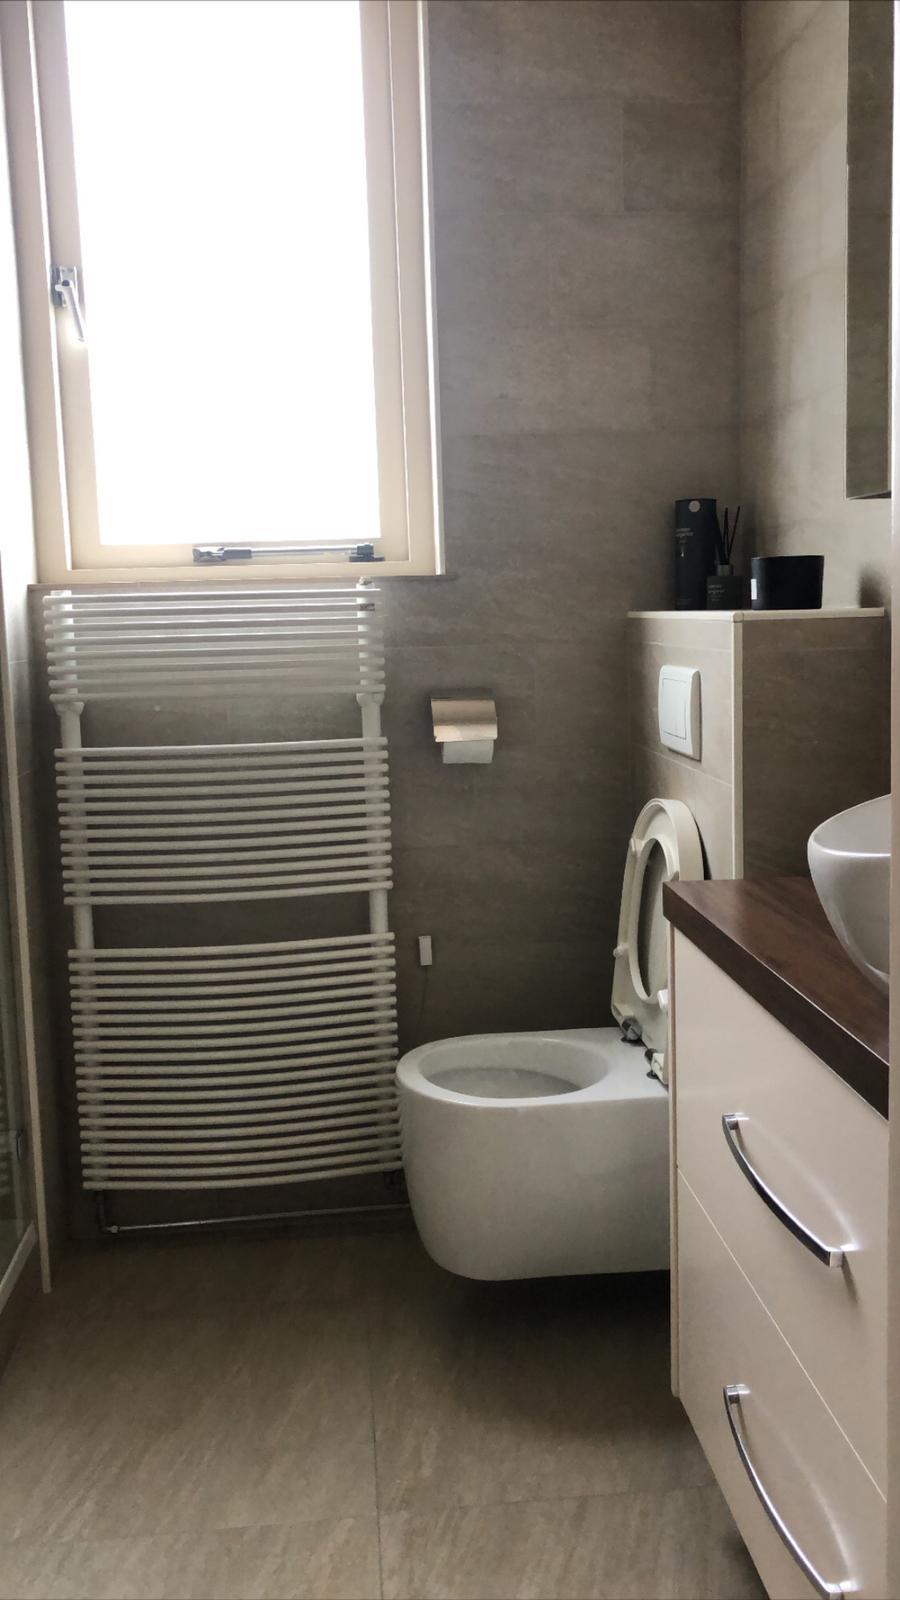 Badkamer schoon